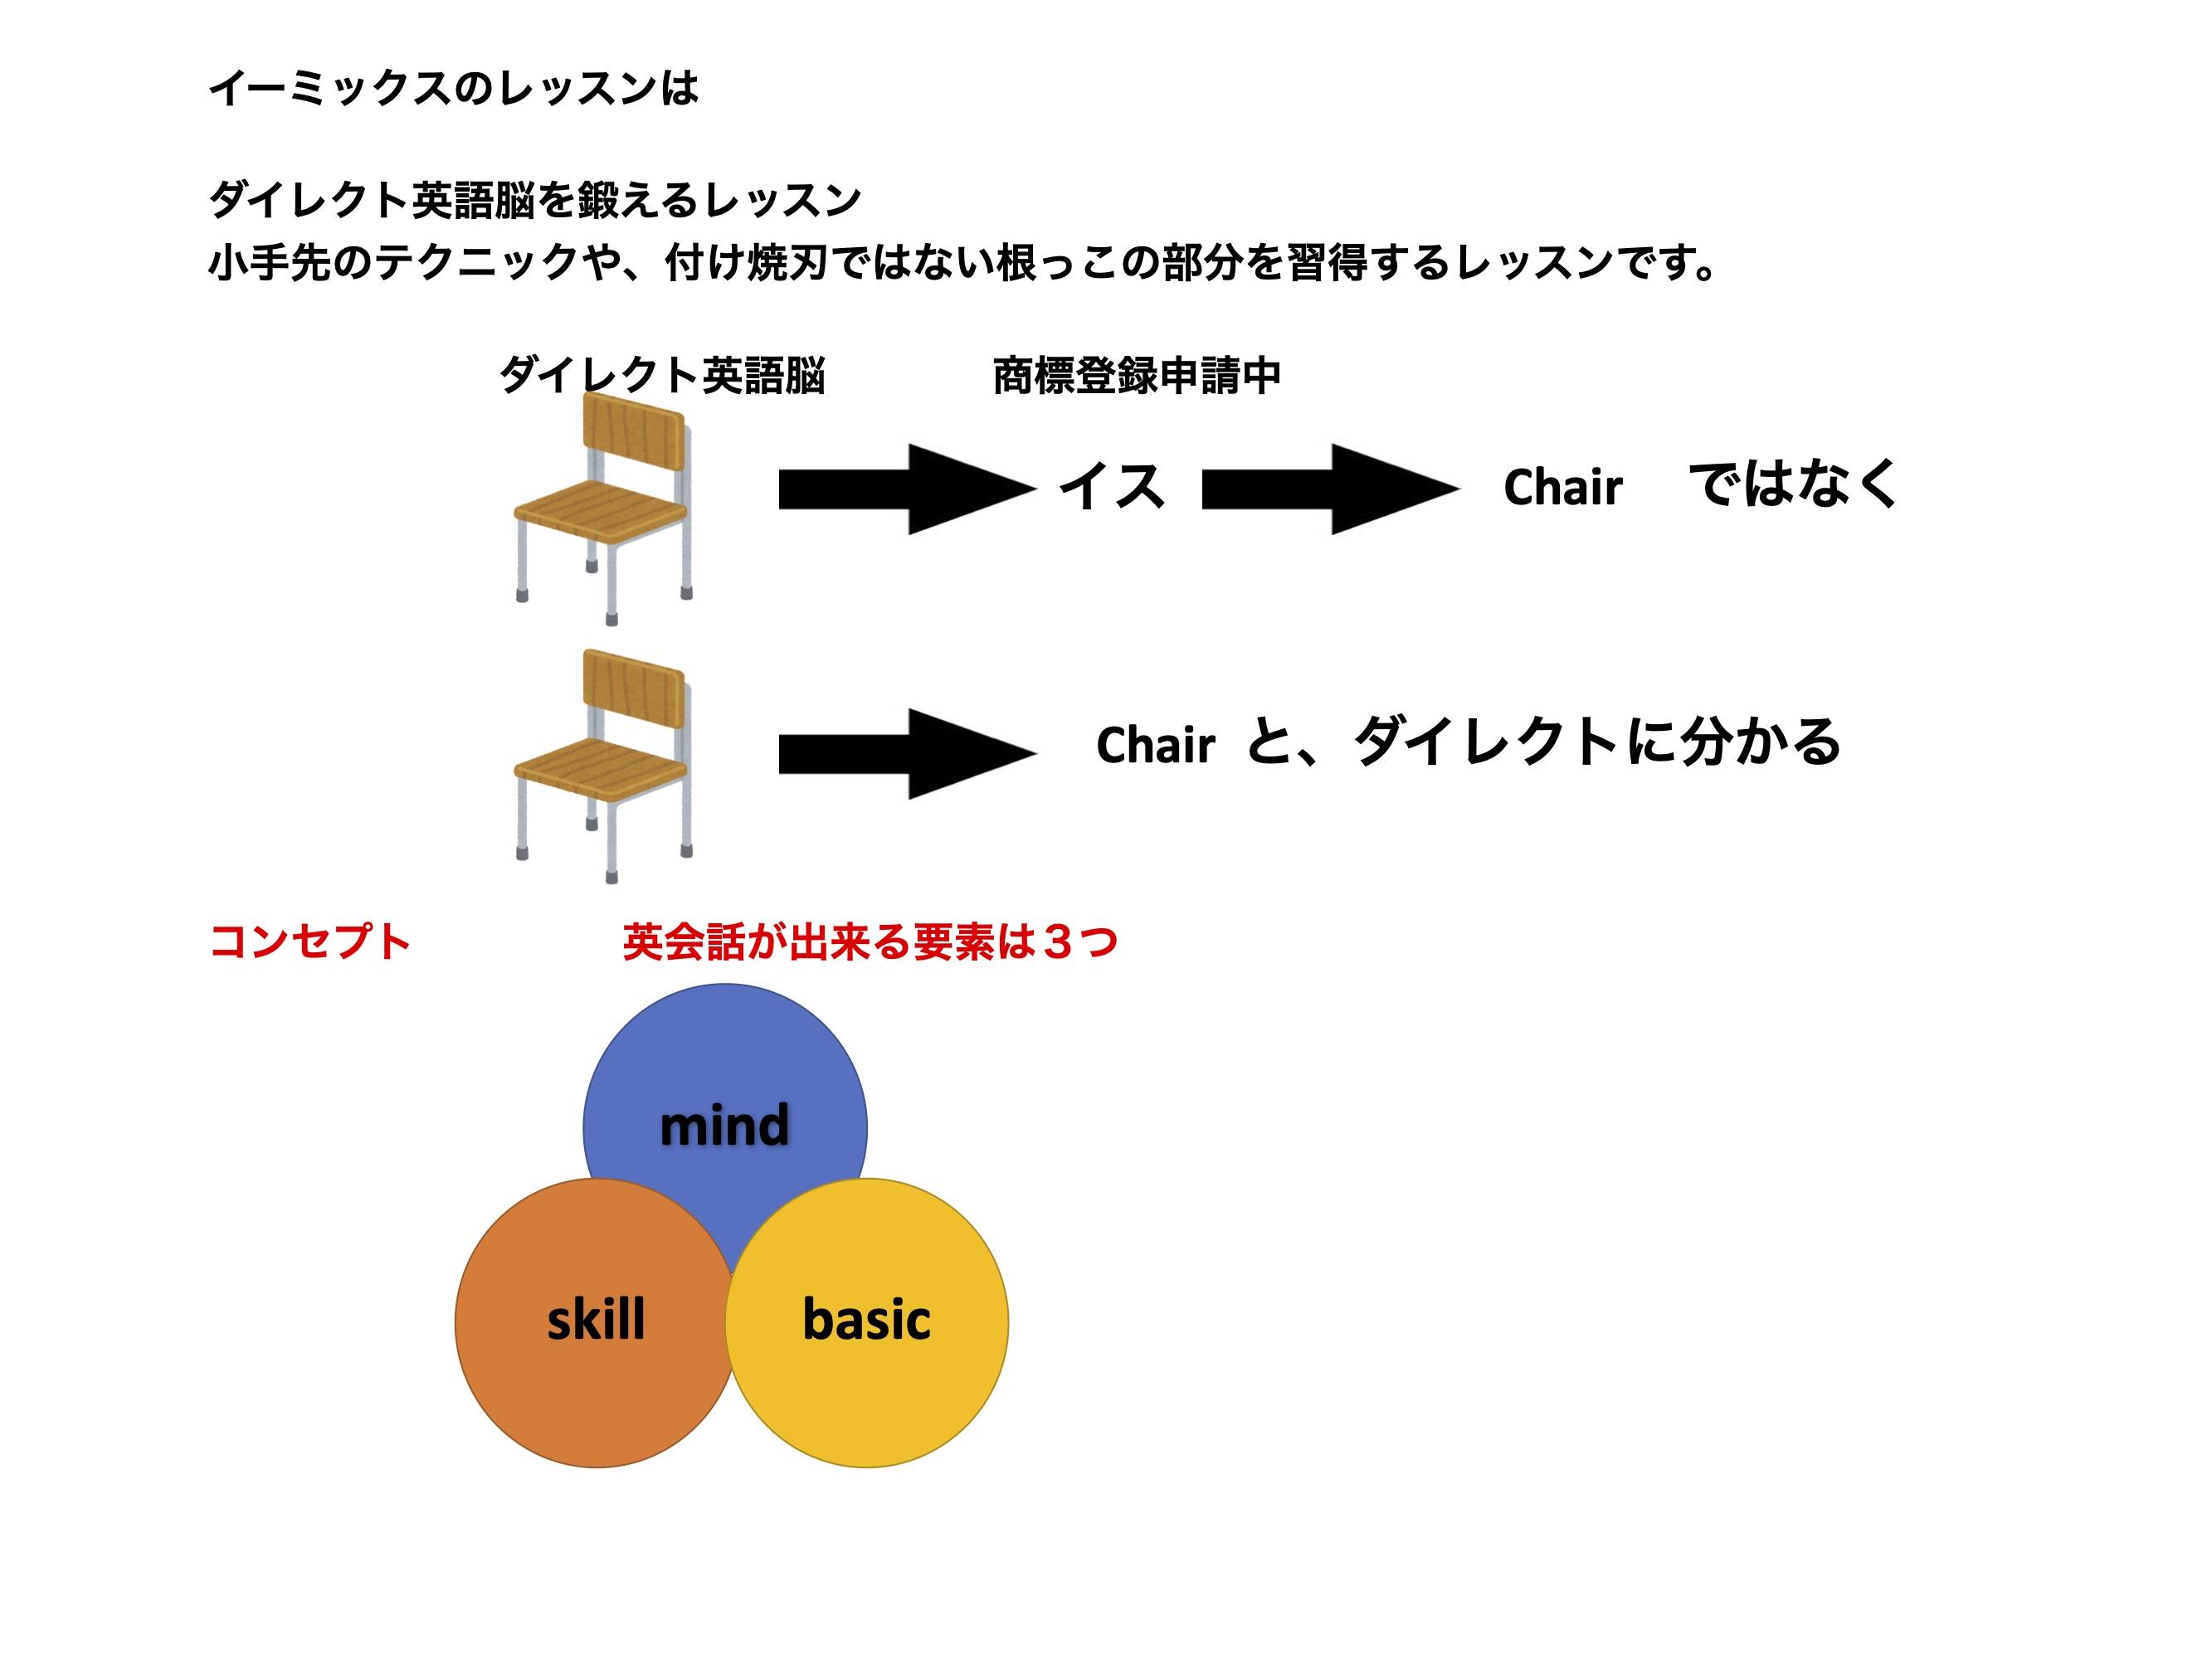 Third slide